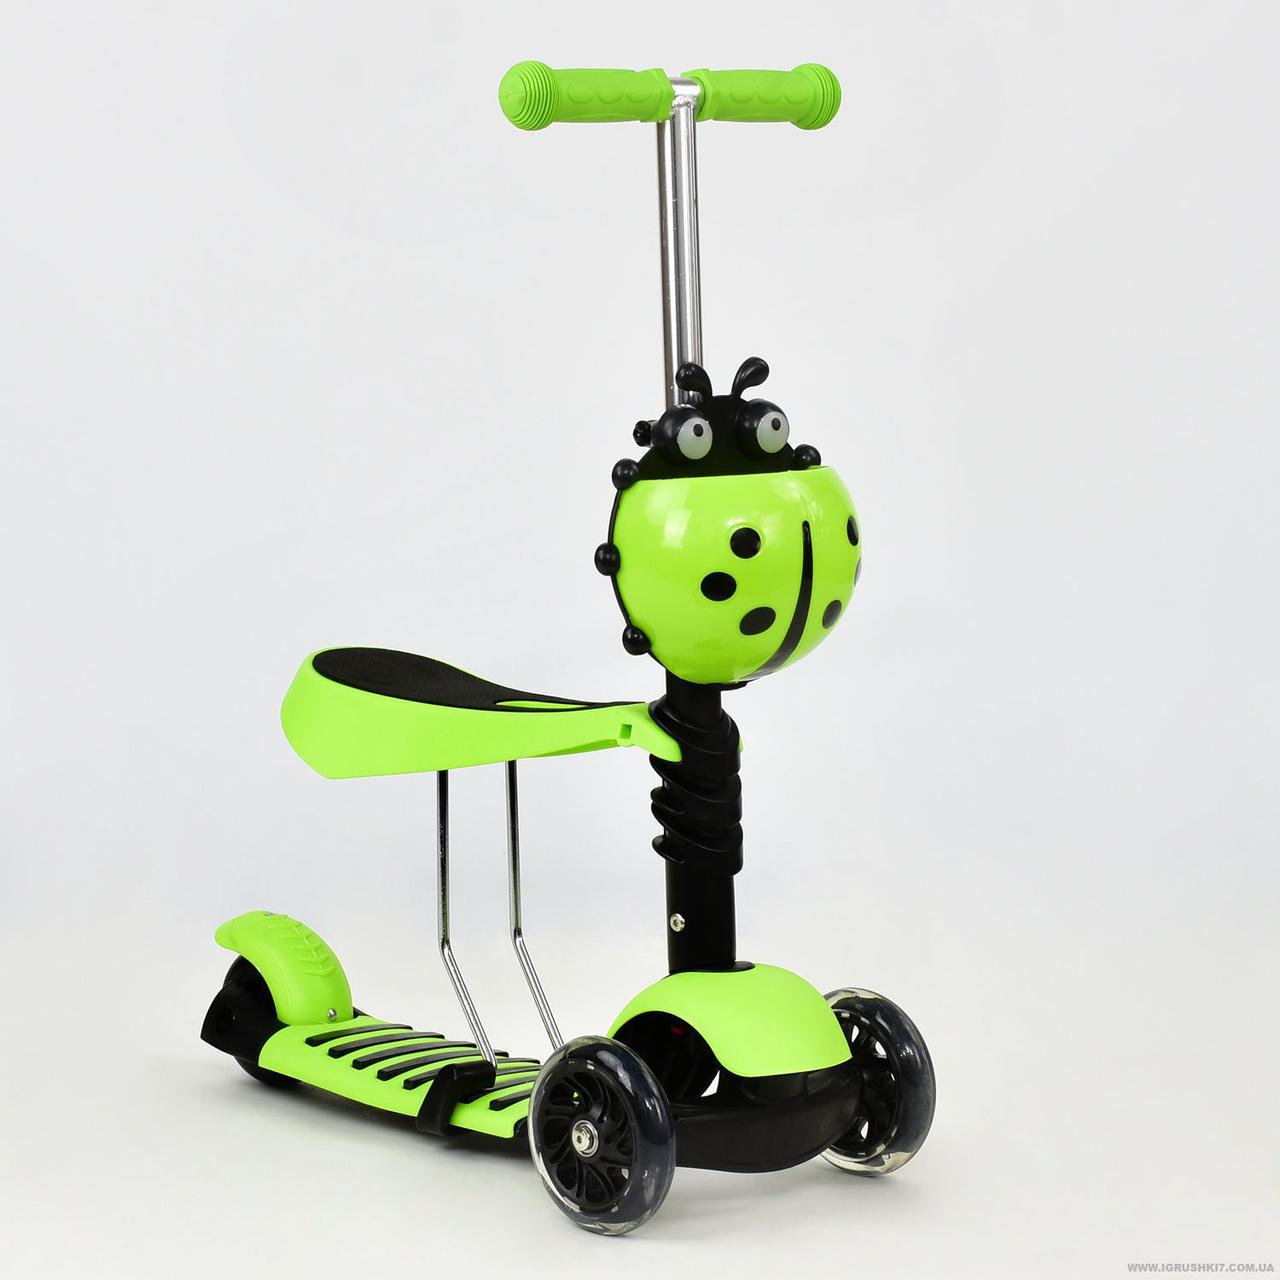 Детский самокат Scooter 3в1 , сиденье, корзинка, А 24670 - 1050 салато